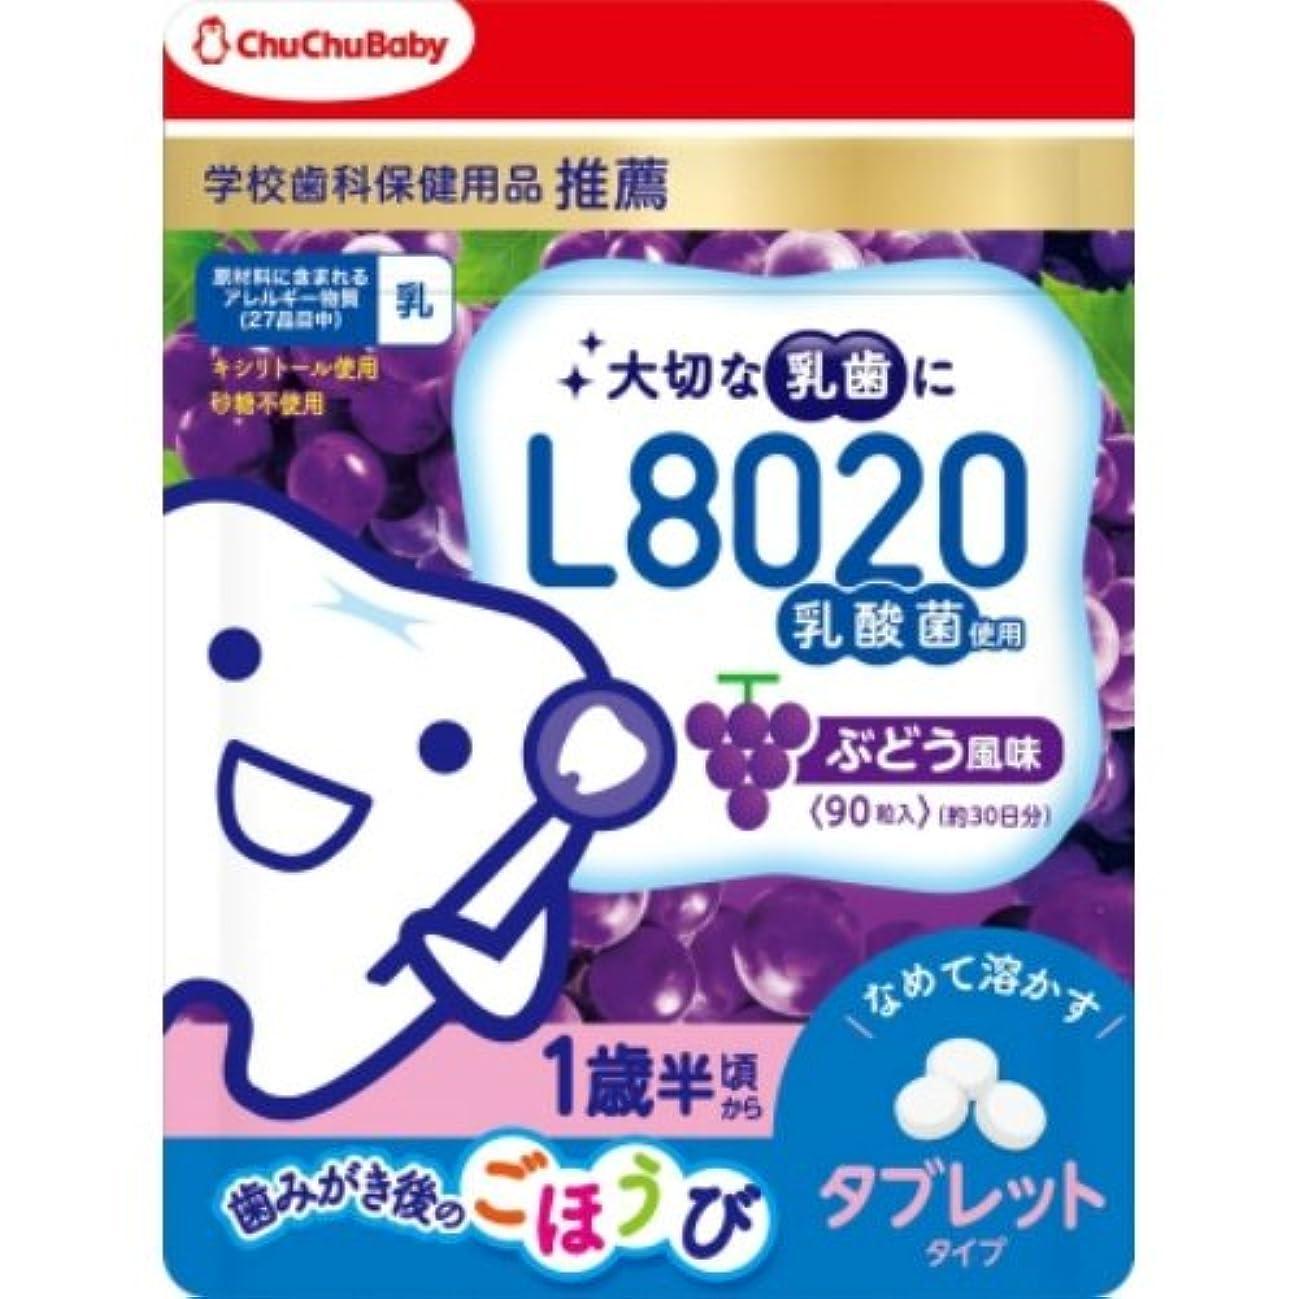 もっとサロン助言L8020乳酸菌チュチュベビータブレットぶどう風味 × 5個セット